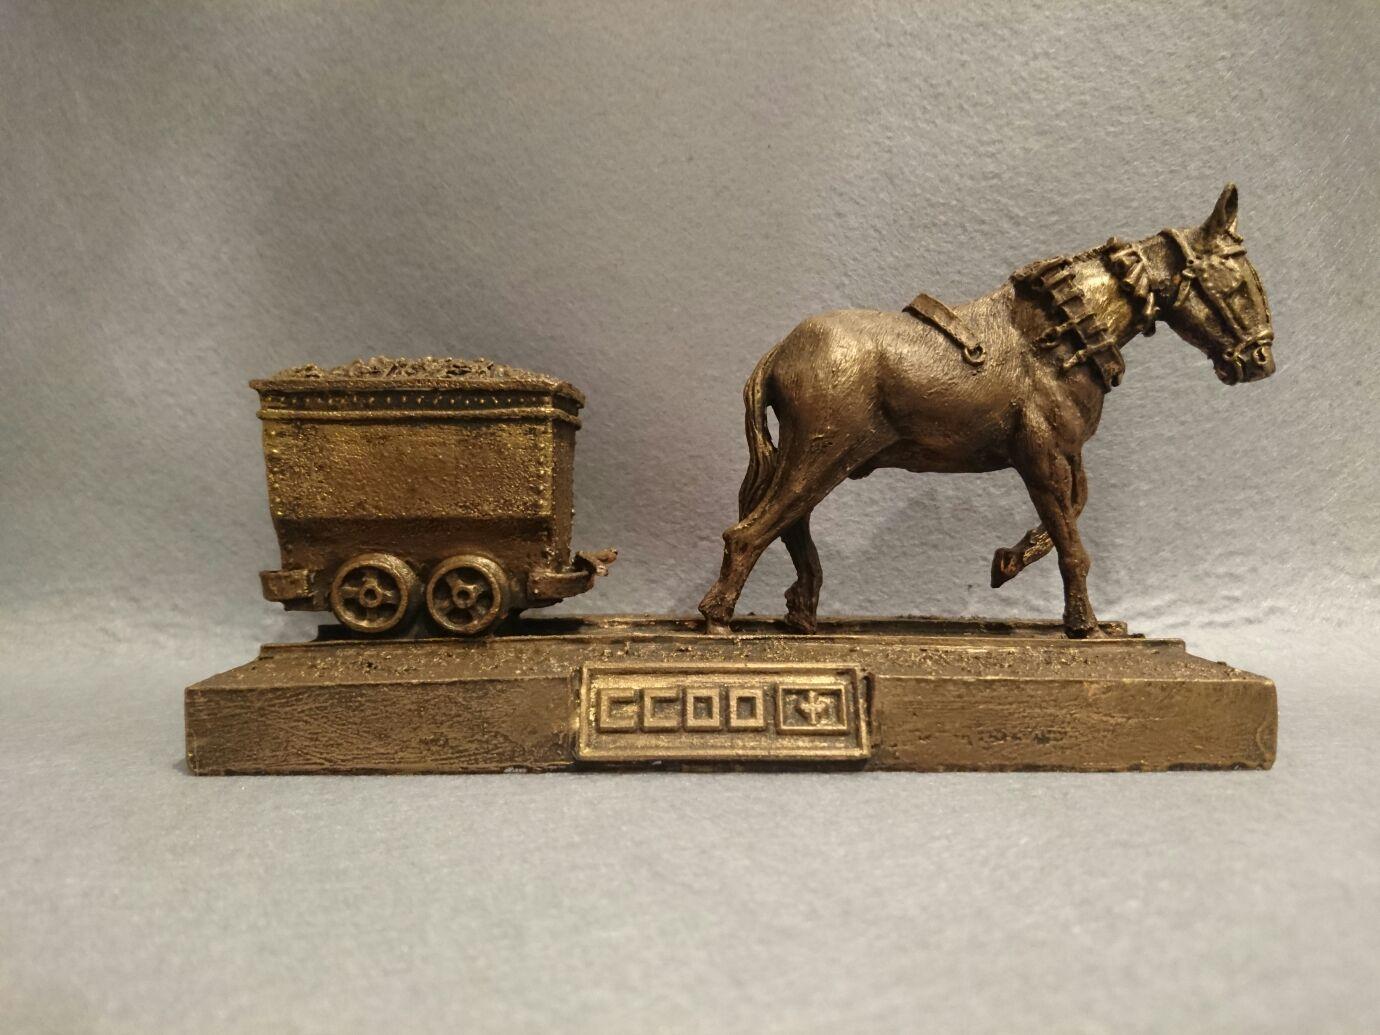 Esculturas y moldes Numa regalos de empresa